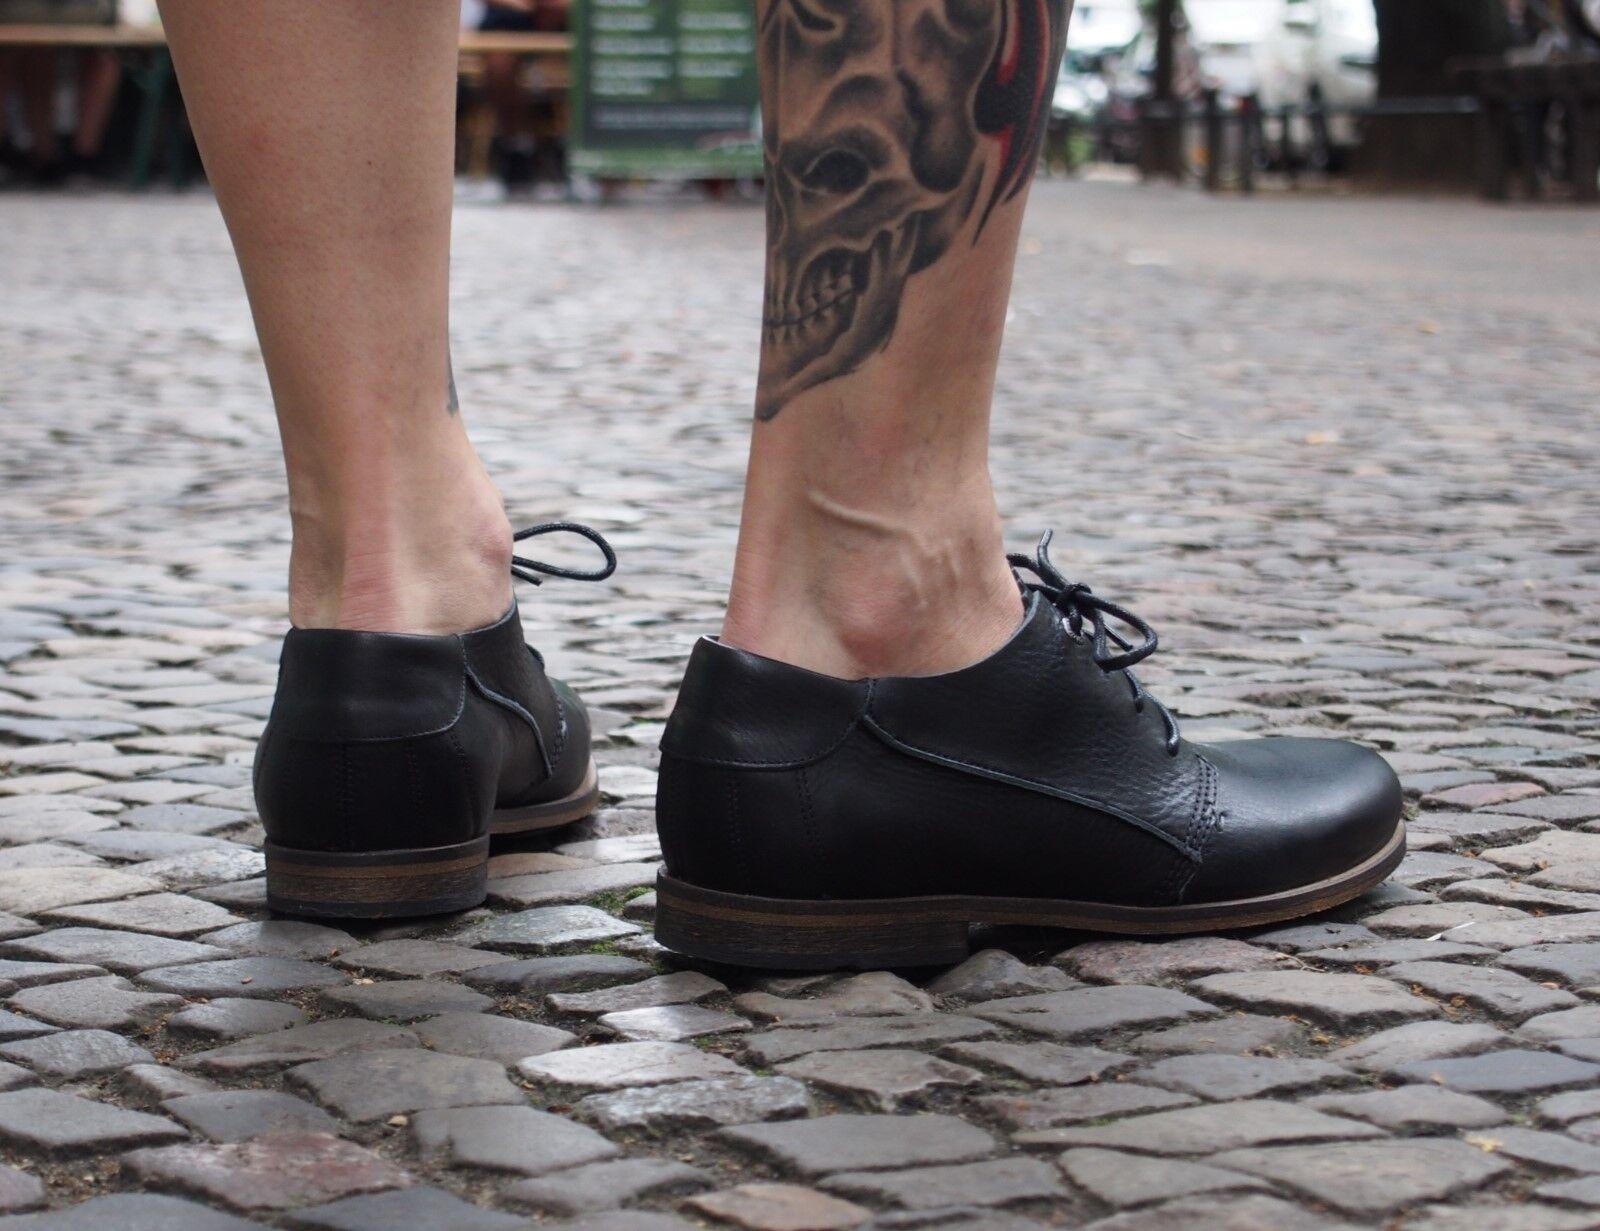 HUB Footwear Footwear Footwear Herrenschuhe Mattfield Black schwarz Echtleder Halbschuhe NEU SALE a1f738